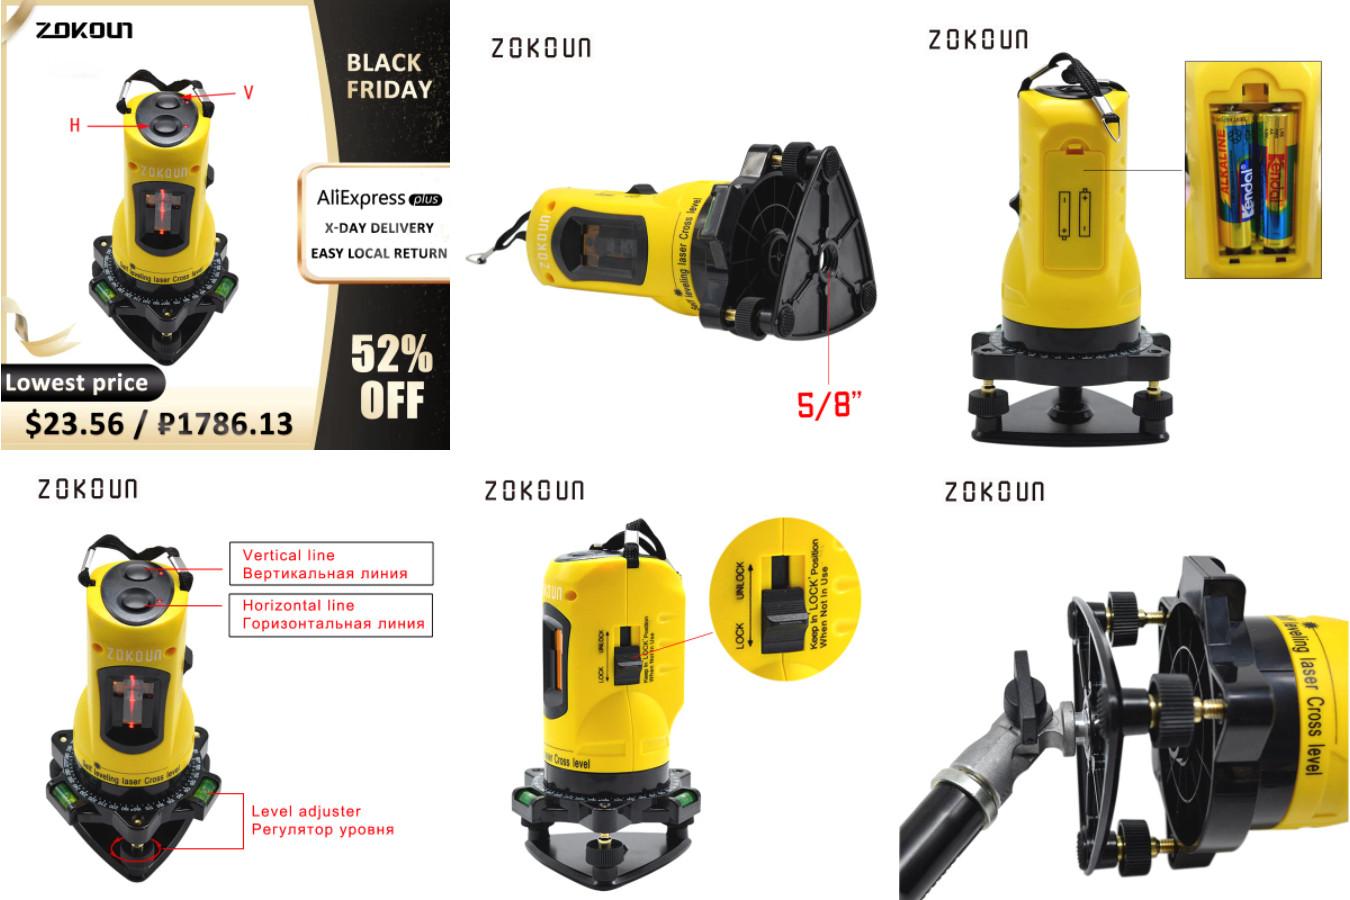 Аккуратно собранный лазерный уровень — Zokoun M02H